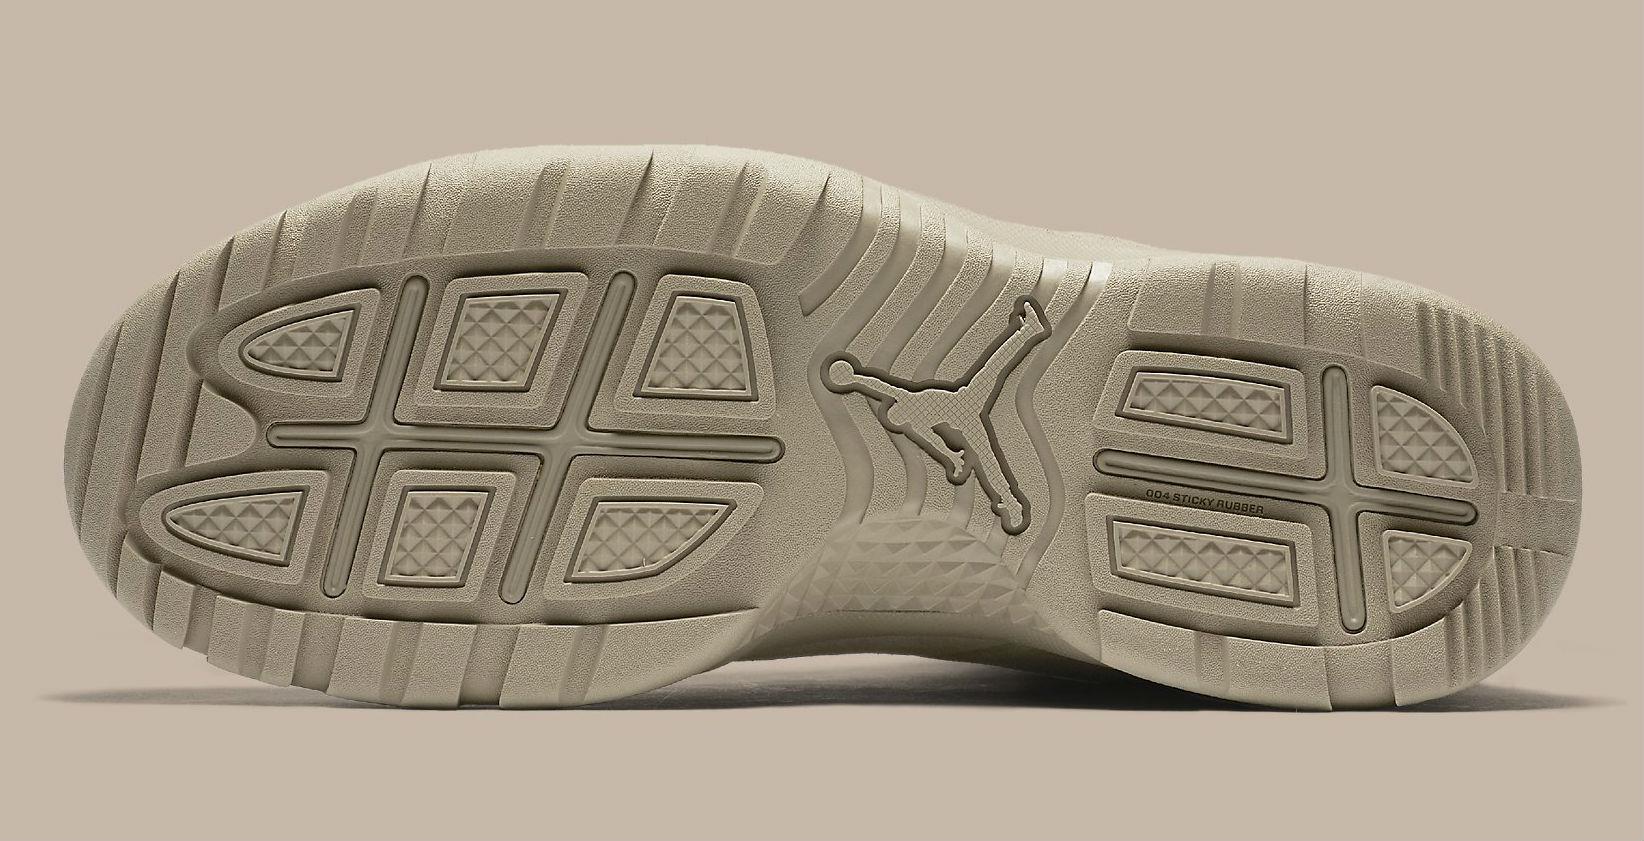 Air Jordan Future Boot Khaki Sole 878222-205